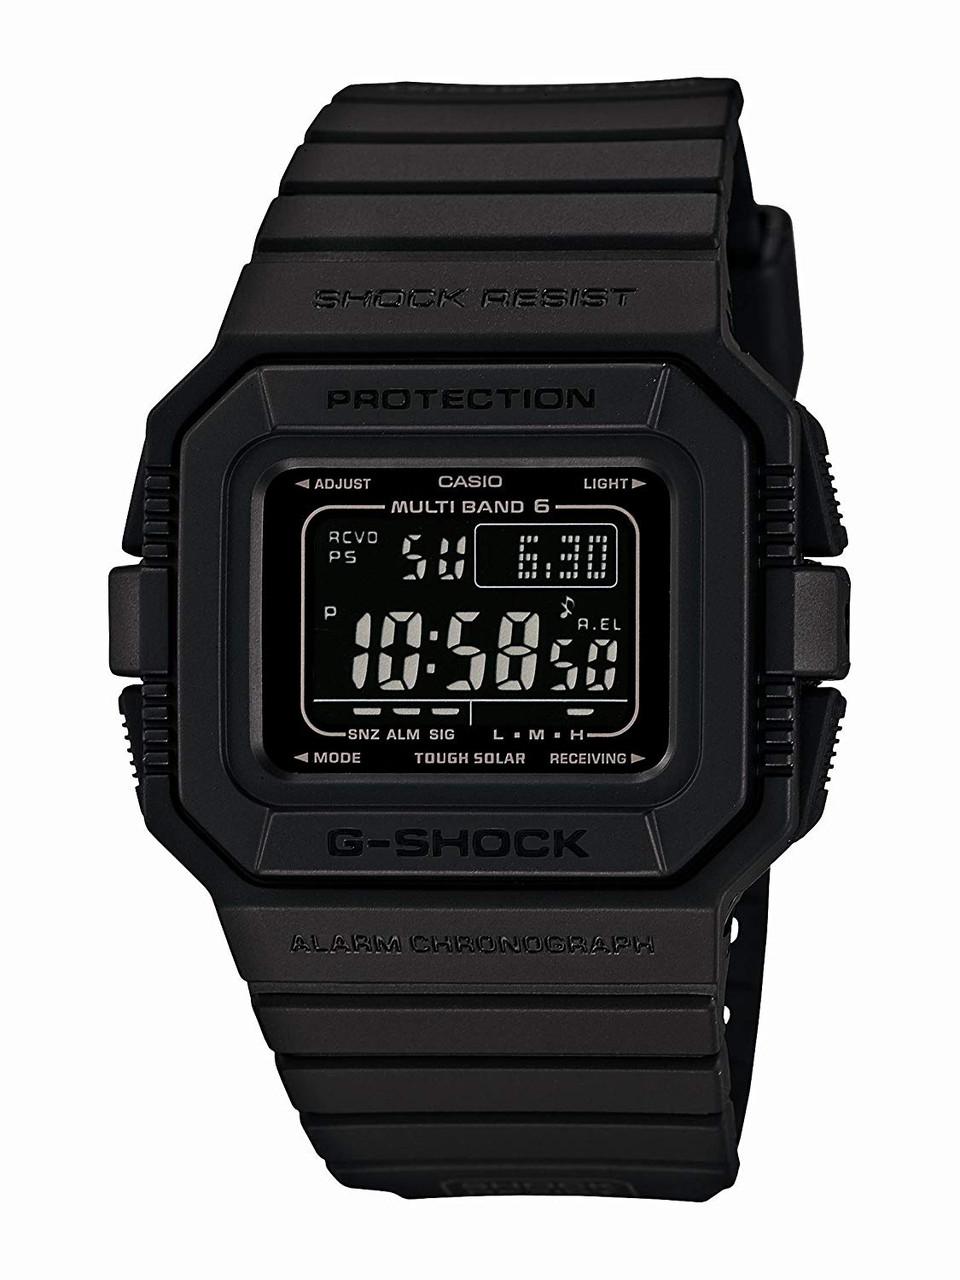 Casio G-Shock GW-5510-1BJF